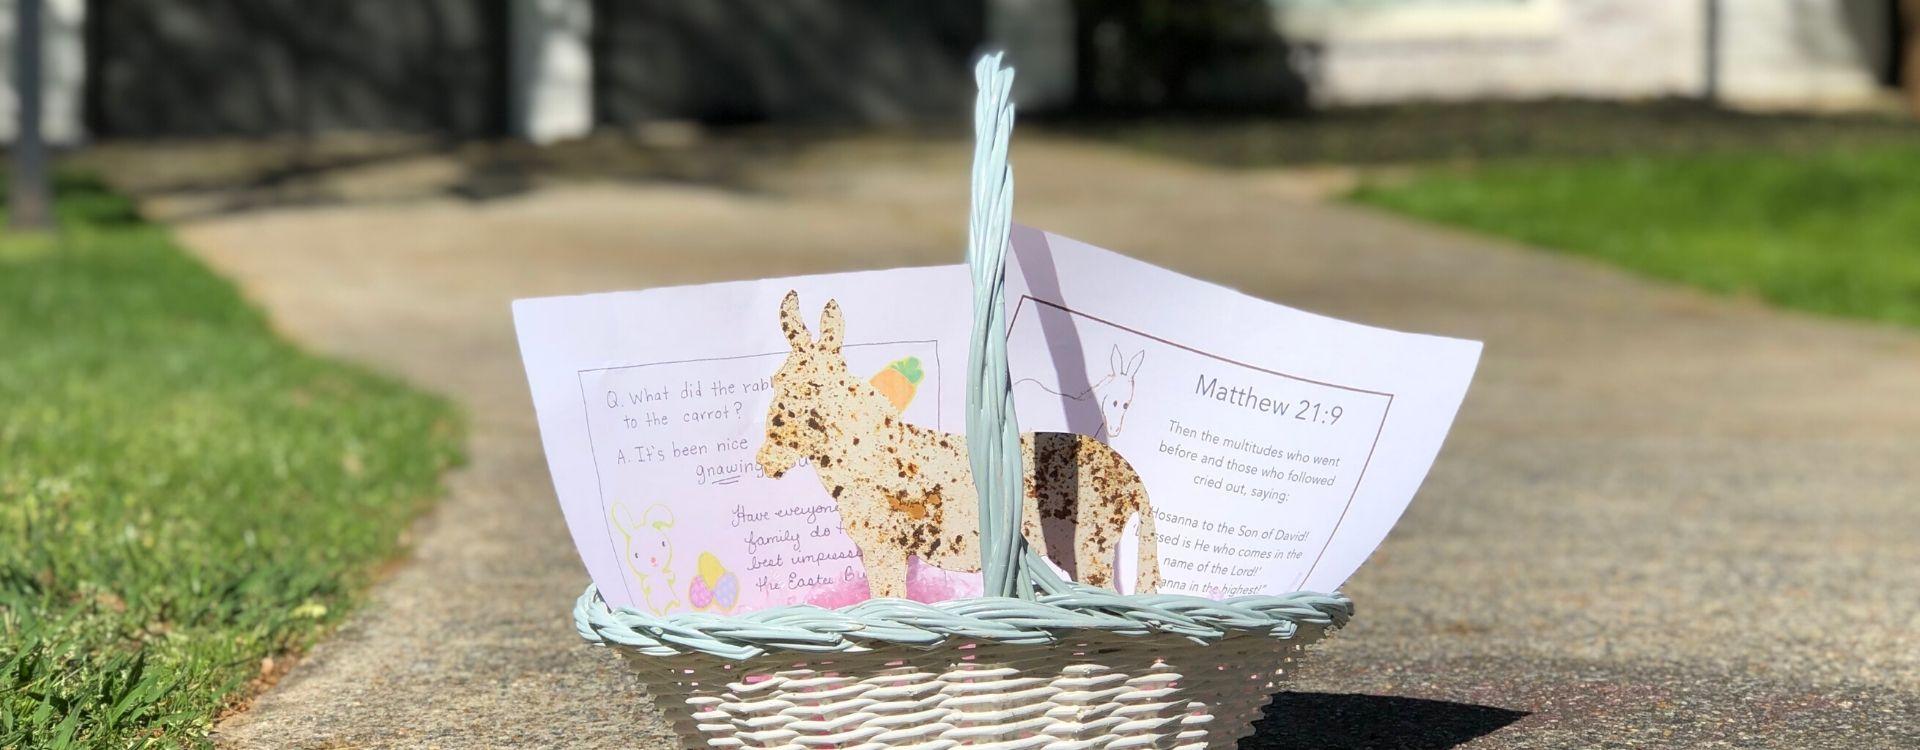 More Ideas for Easter Scavenger Hunt